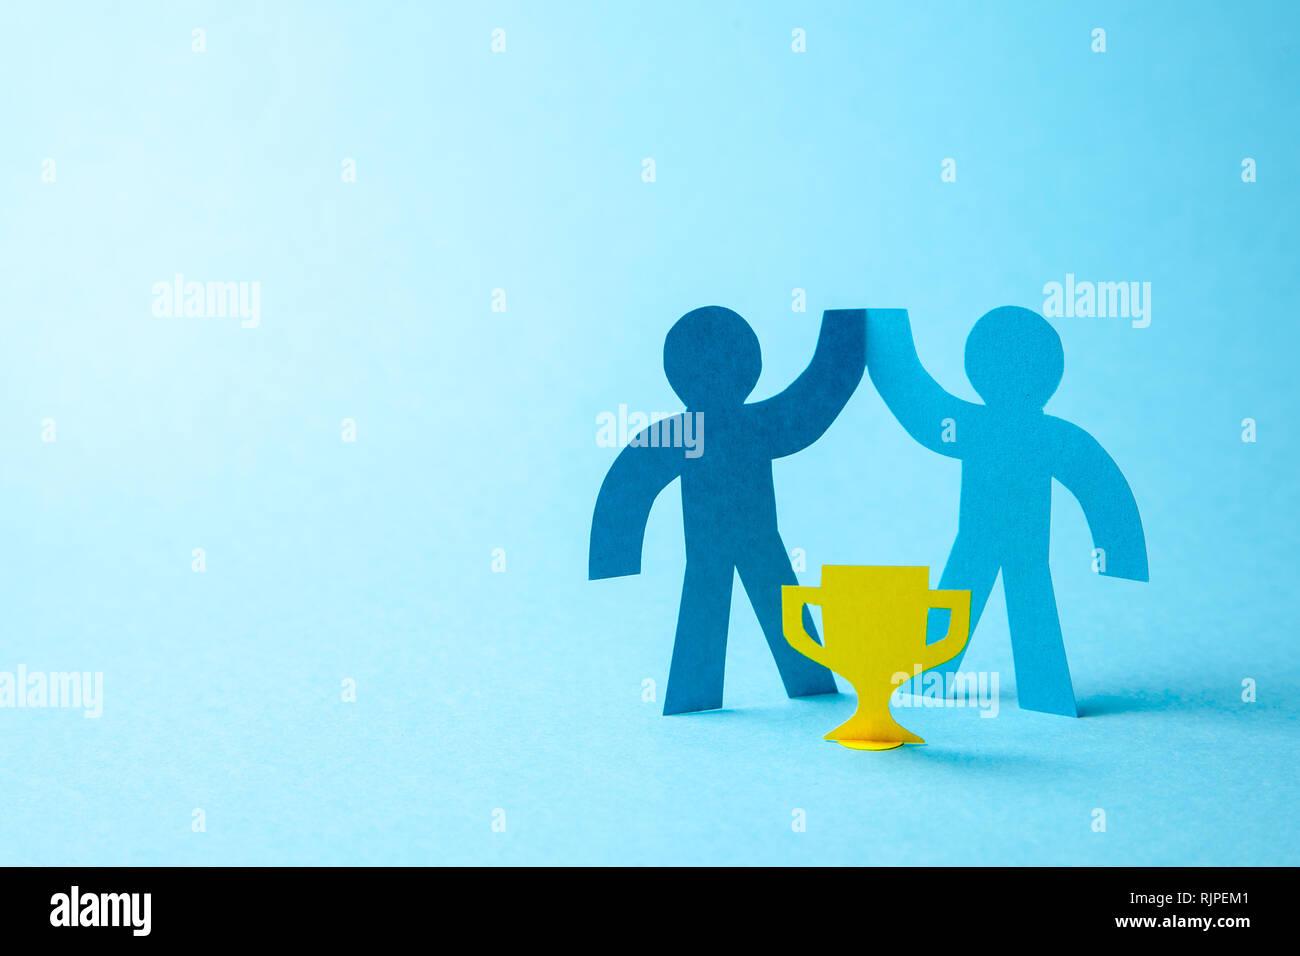 L'équipe d'affaires gagnant est titulaire coupe d'or dans ses mains. L'esprit d'équipe. Chef et les travailleurs à atteindre l'objectif. L'espace de copie pour le texte. Banque D'Images